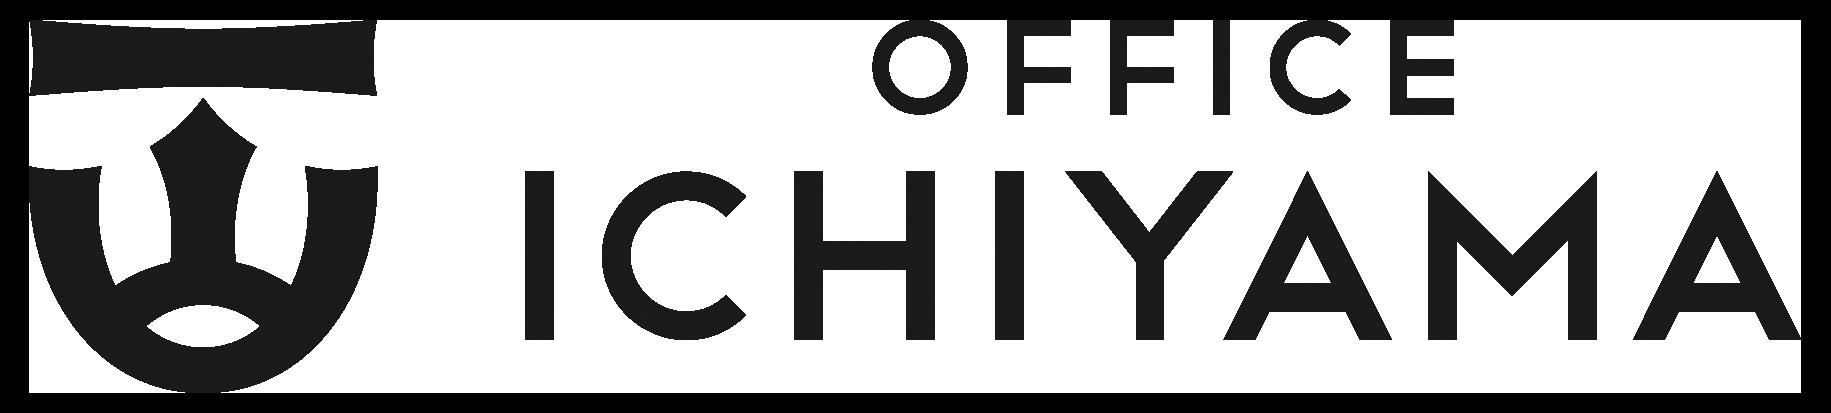 Office-Ichiyama